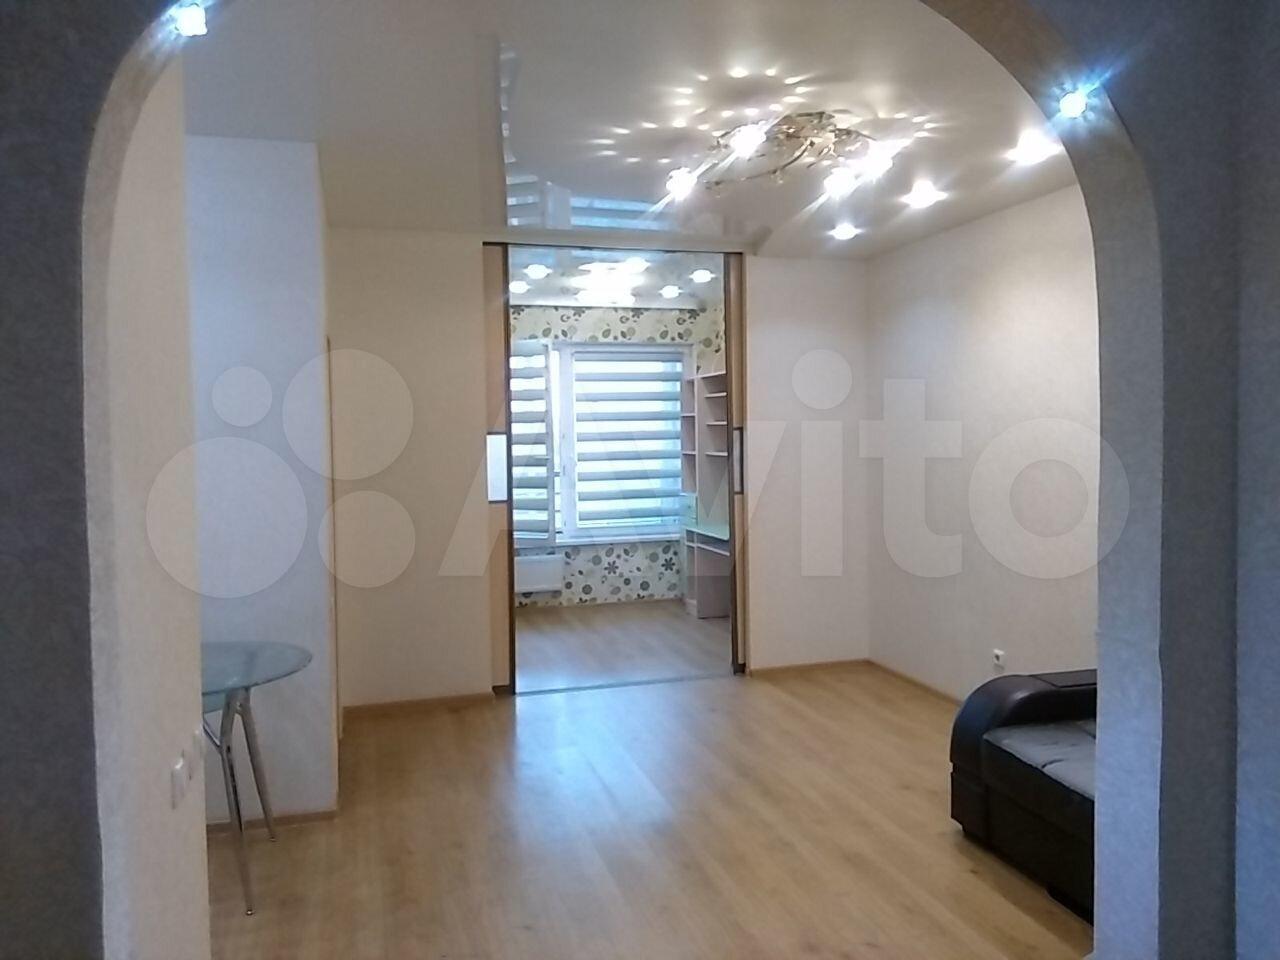 3-к квартира, 53 м², 8/11 эт.  89095705166 купить 1